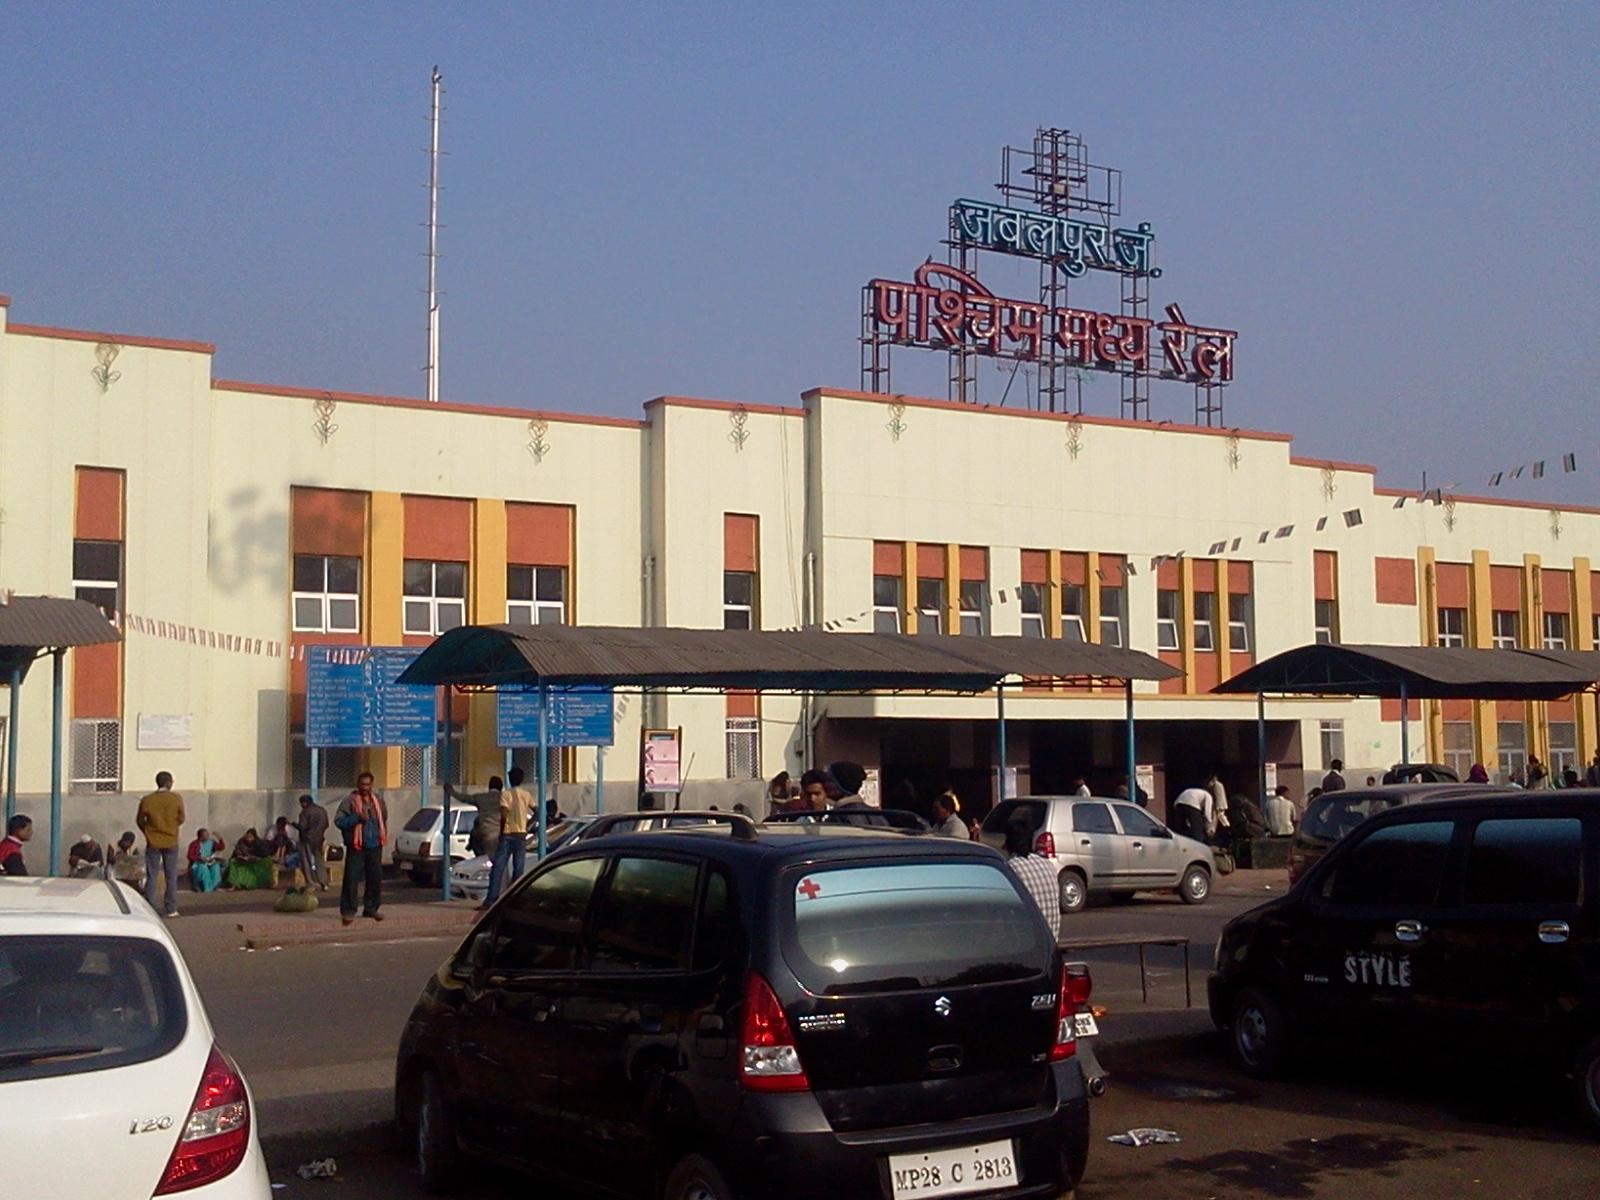 सौगात: जबलपुर से इंदौर बनेगी नई रेल लाइन, बजट जारी